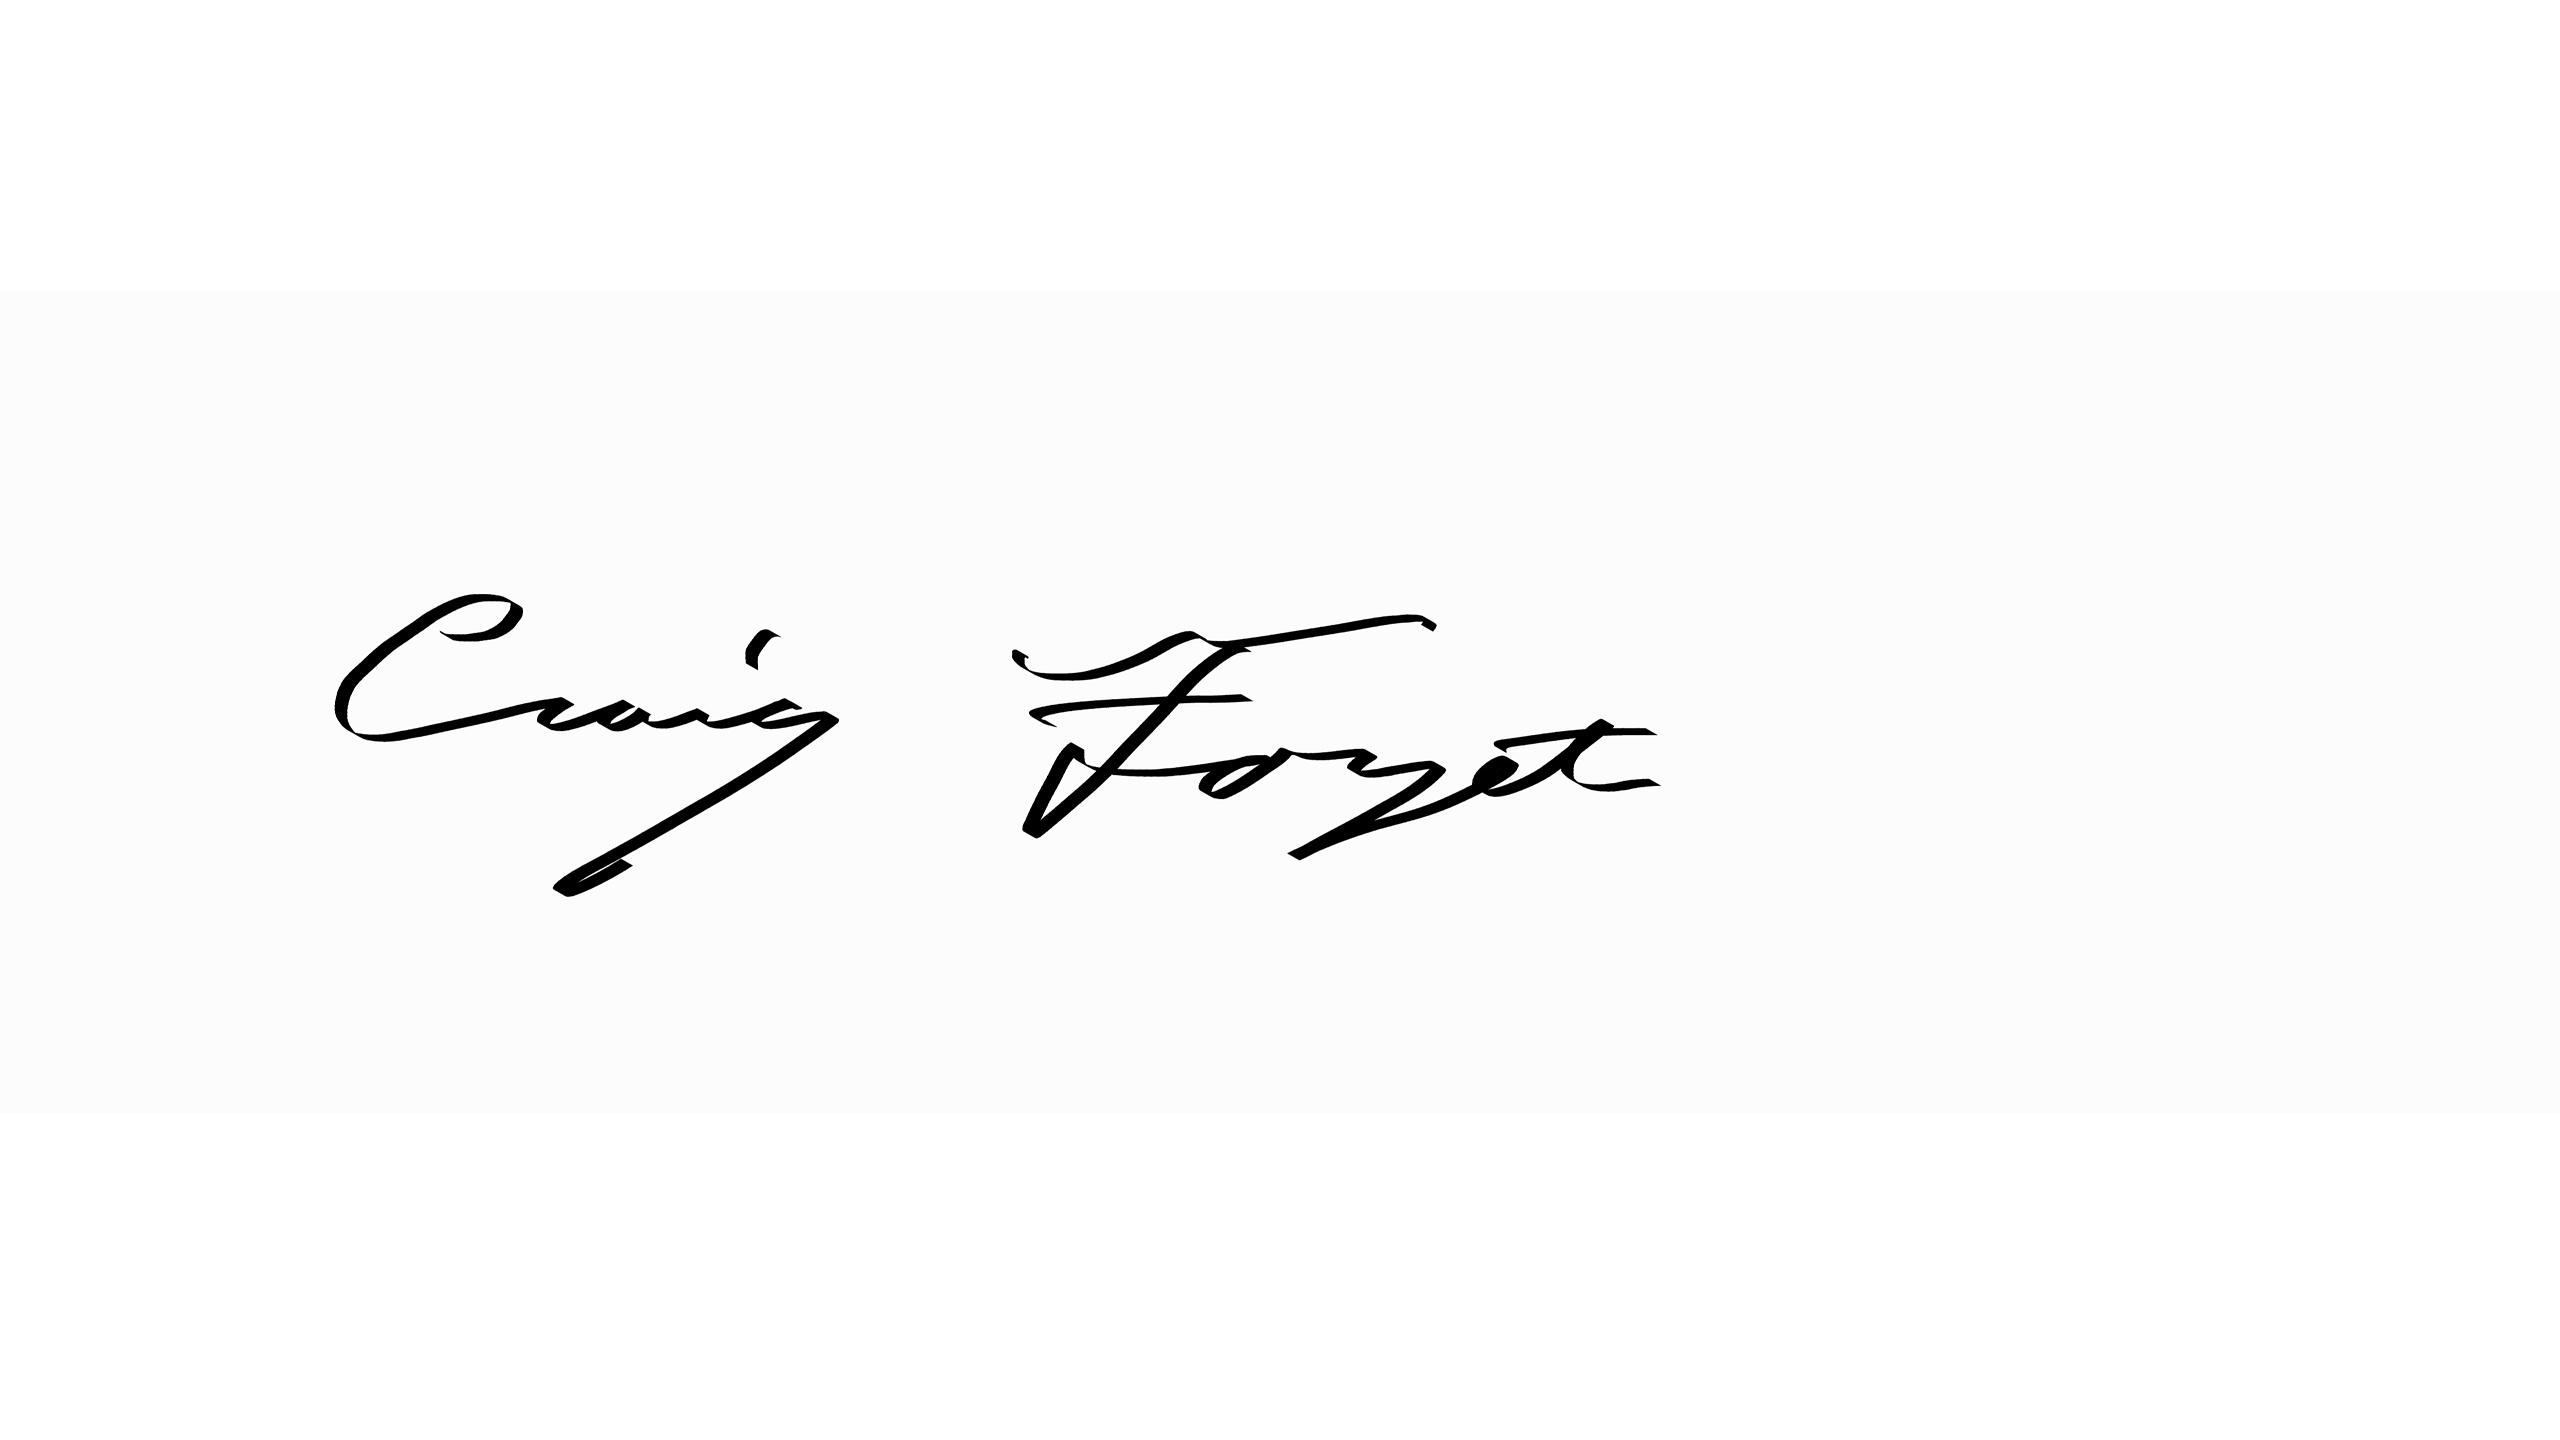 Craig  Forget Signature